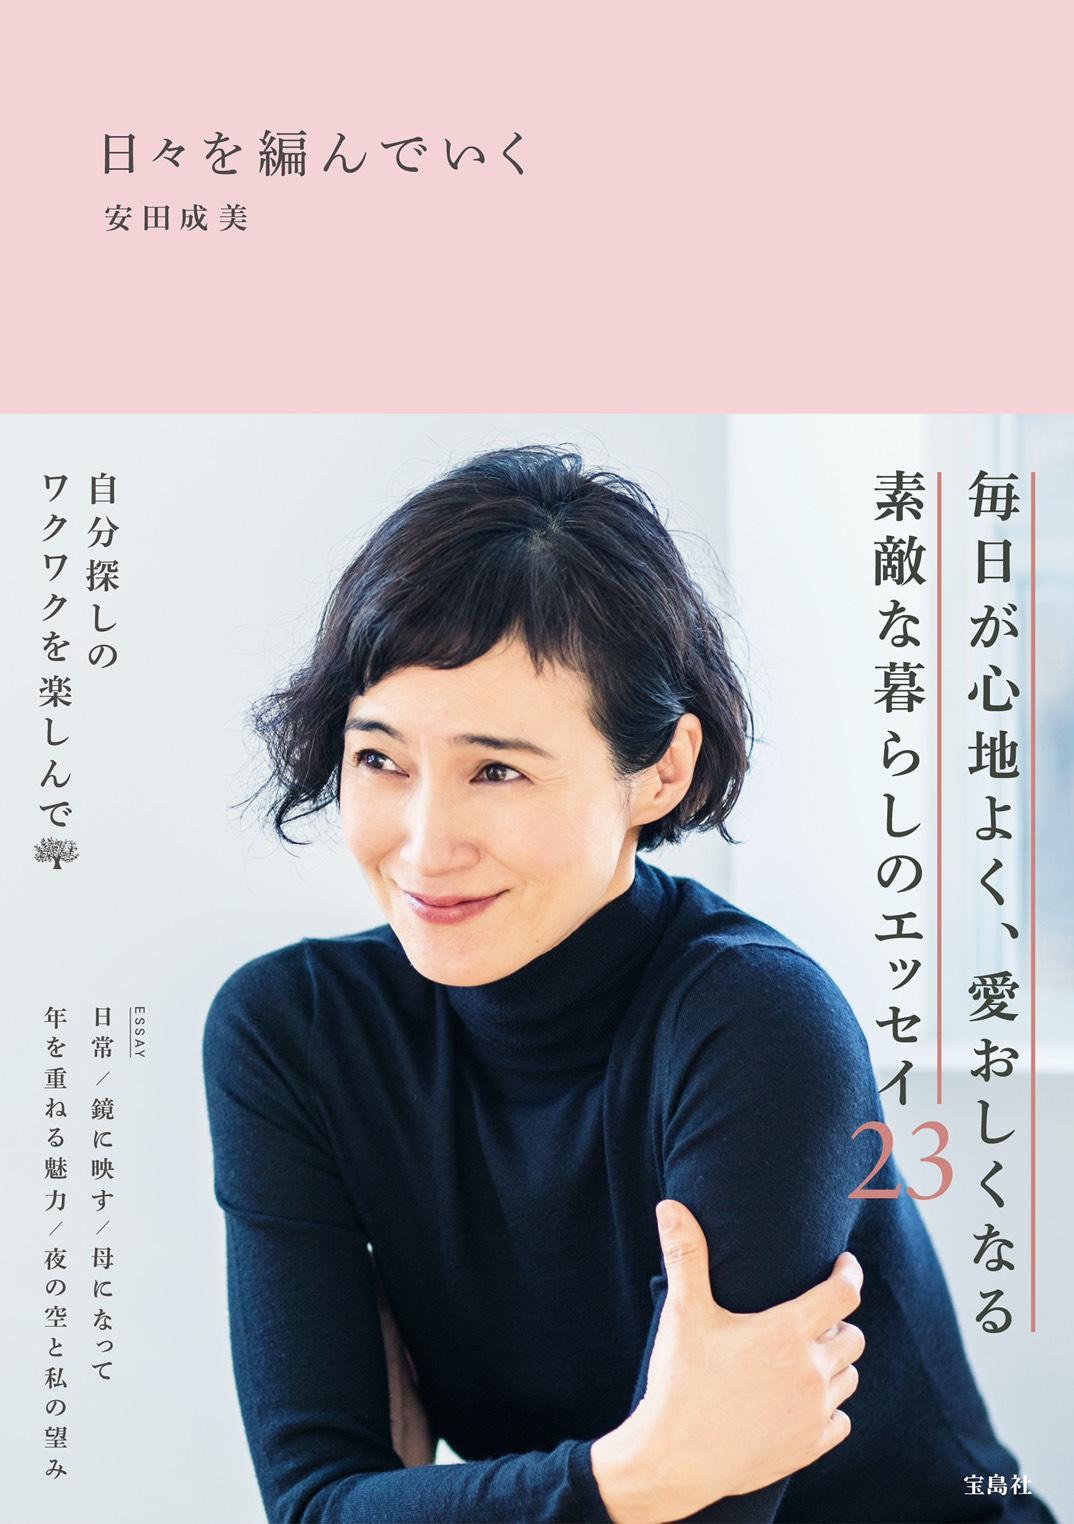 女優・安田成美がエッセイ『日々を編んでいく』発売。サイン会の開催も決定サムネイル画像